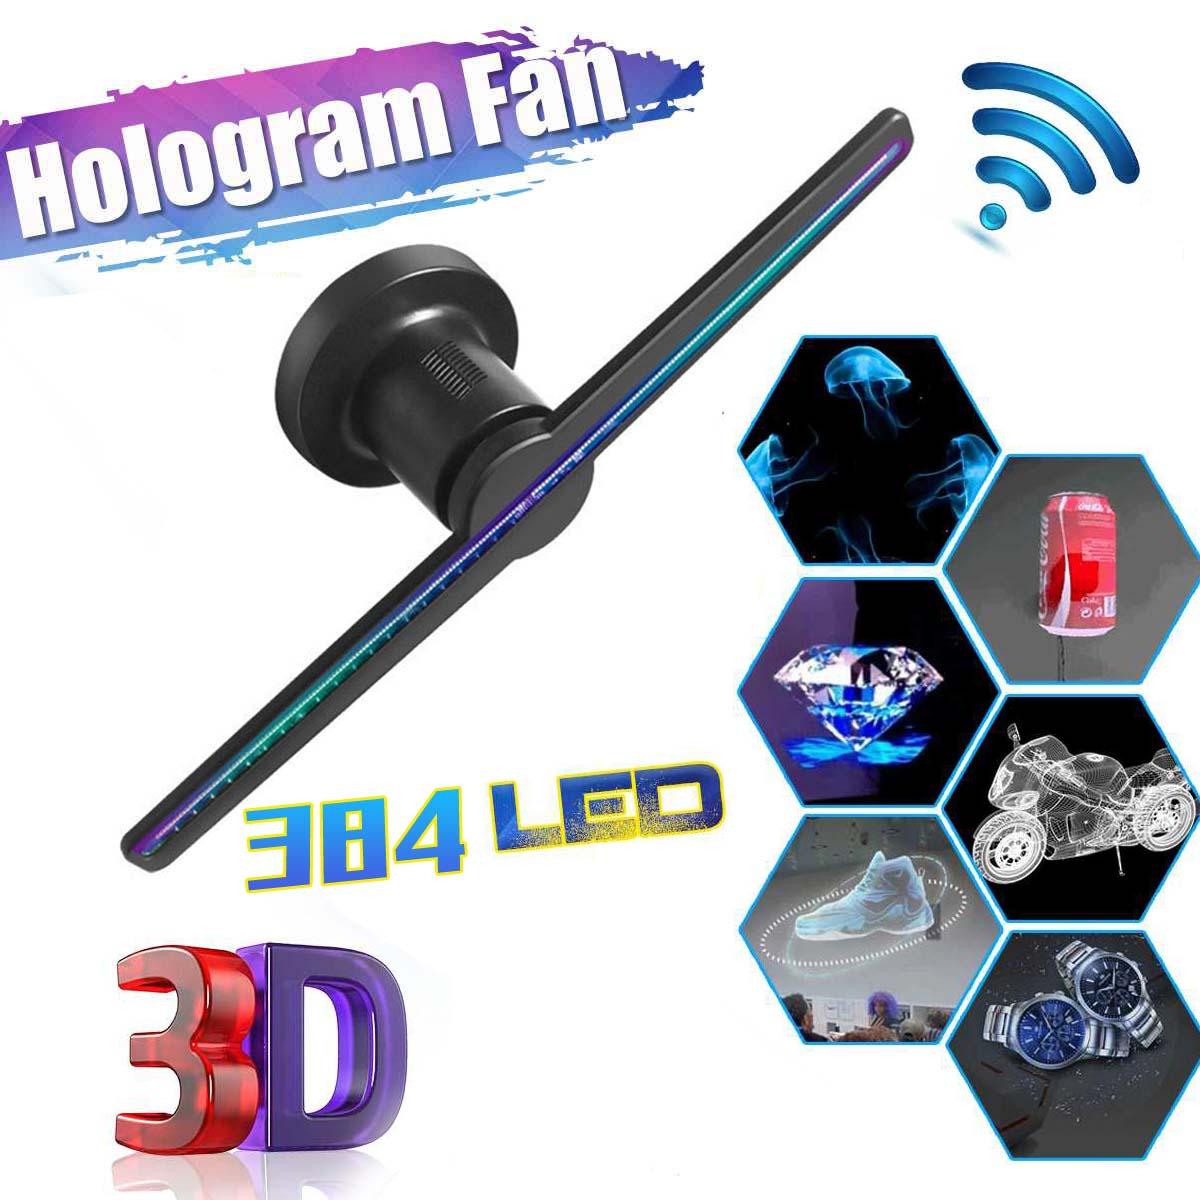 Becornce 3D hologramme publicité affichage ventilateur LED holographique imagerie ventilateur LED lumière 3d affichage publicité lumière décoration